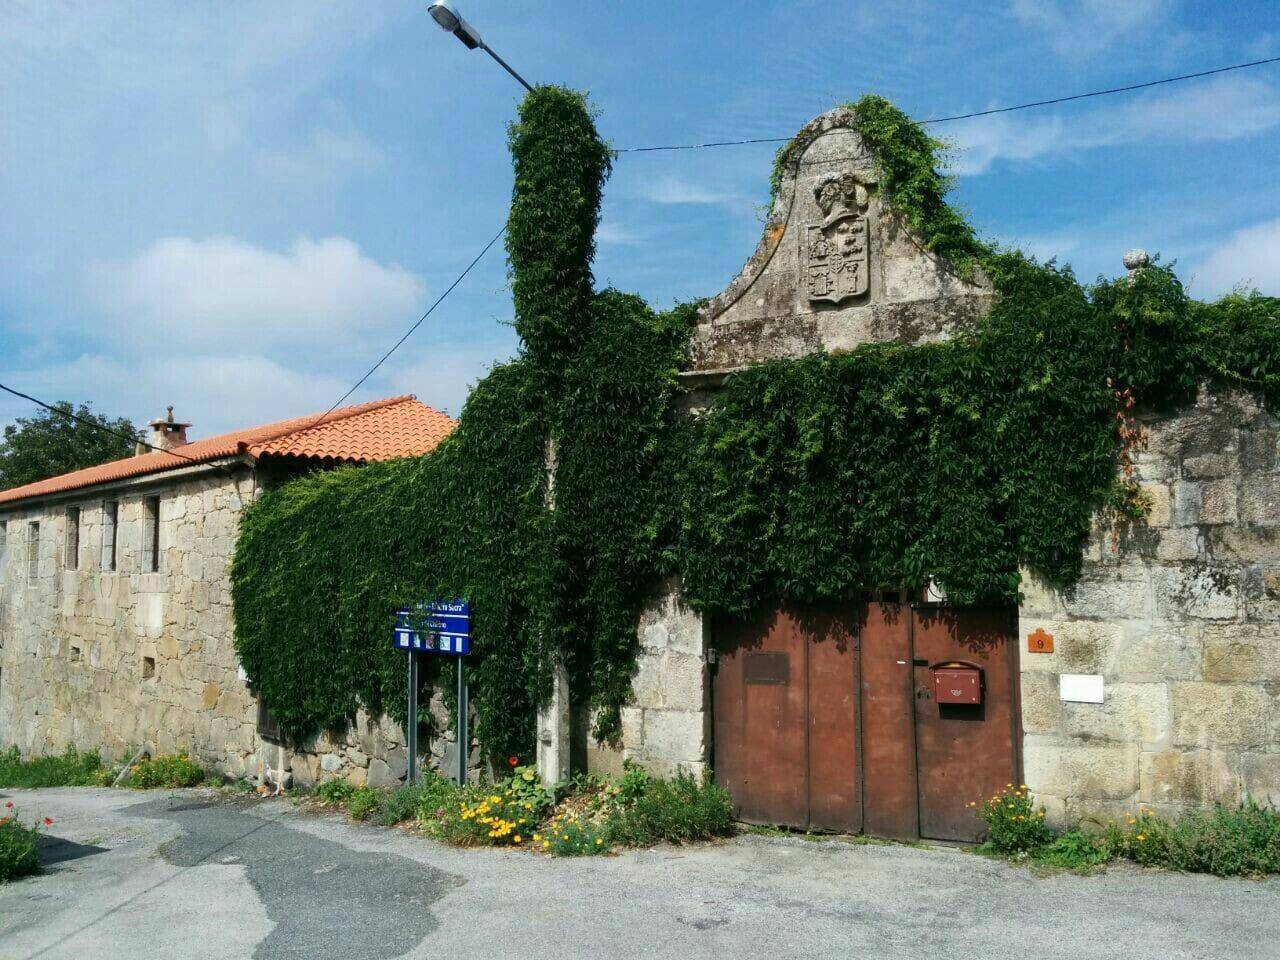 Fachada del Pazo y entrada al patio con escudo. Hauptfassade des Pazo und Eingang mit Wappen.